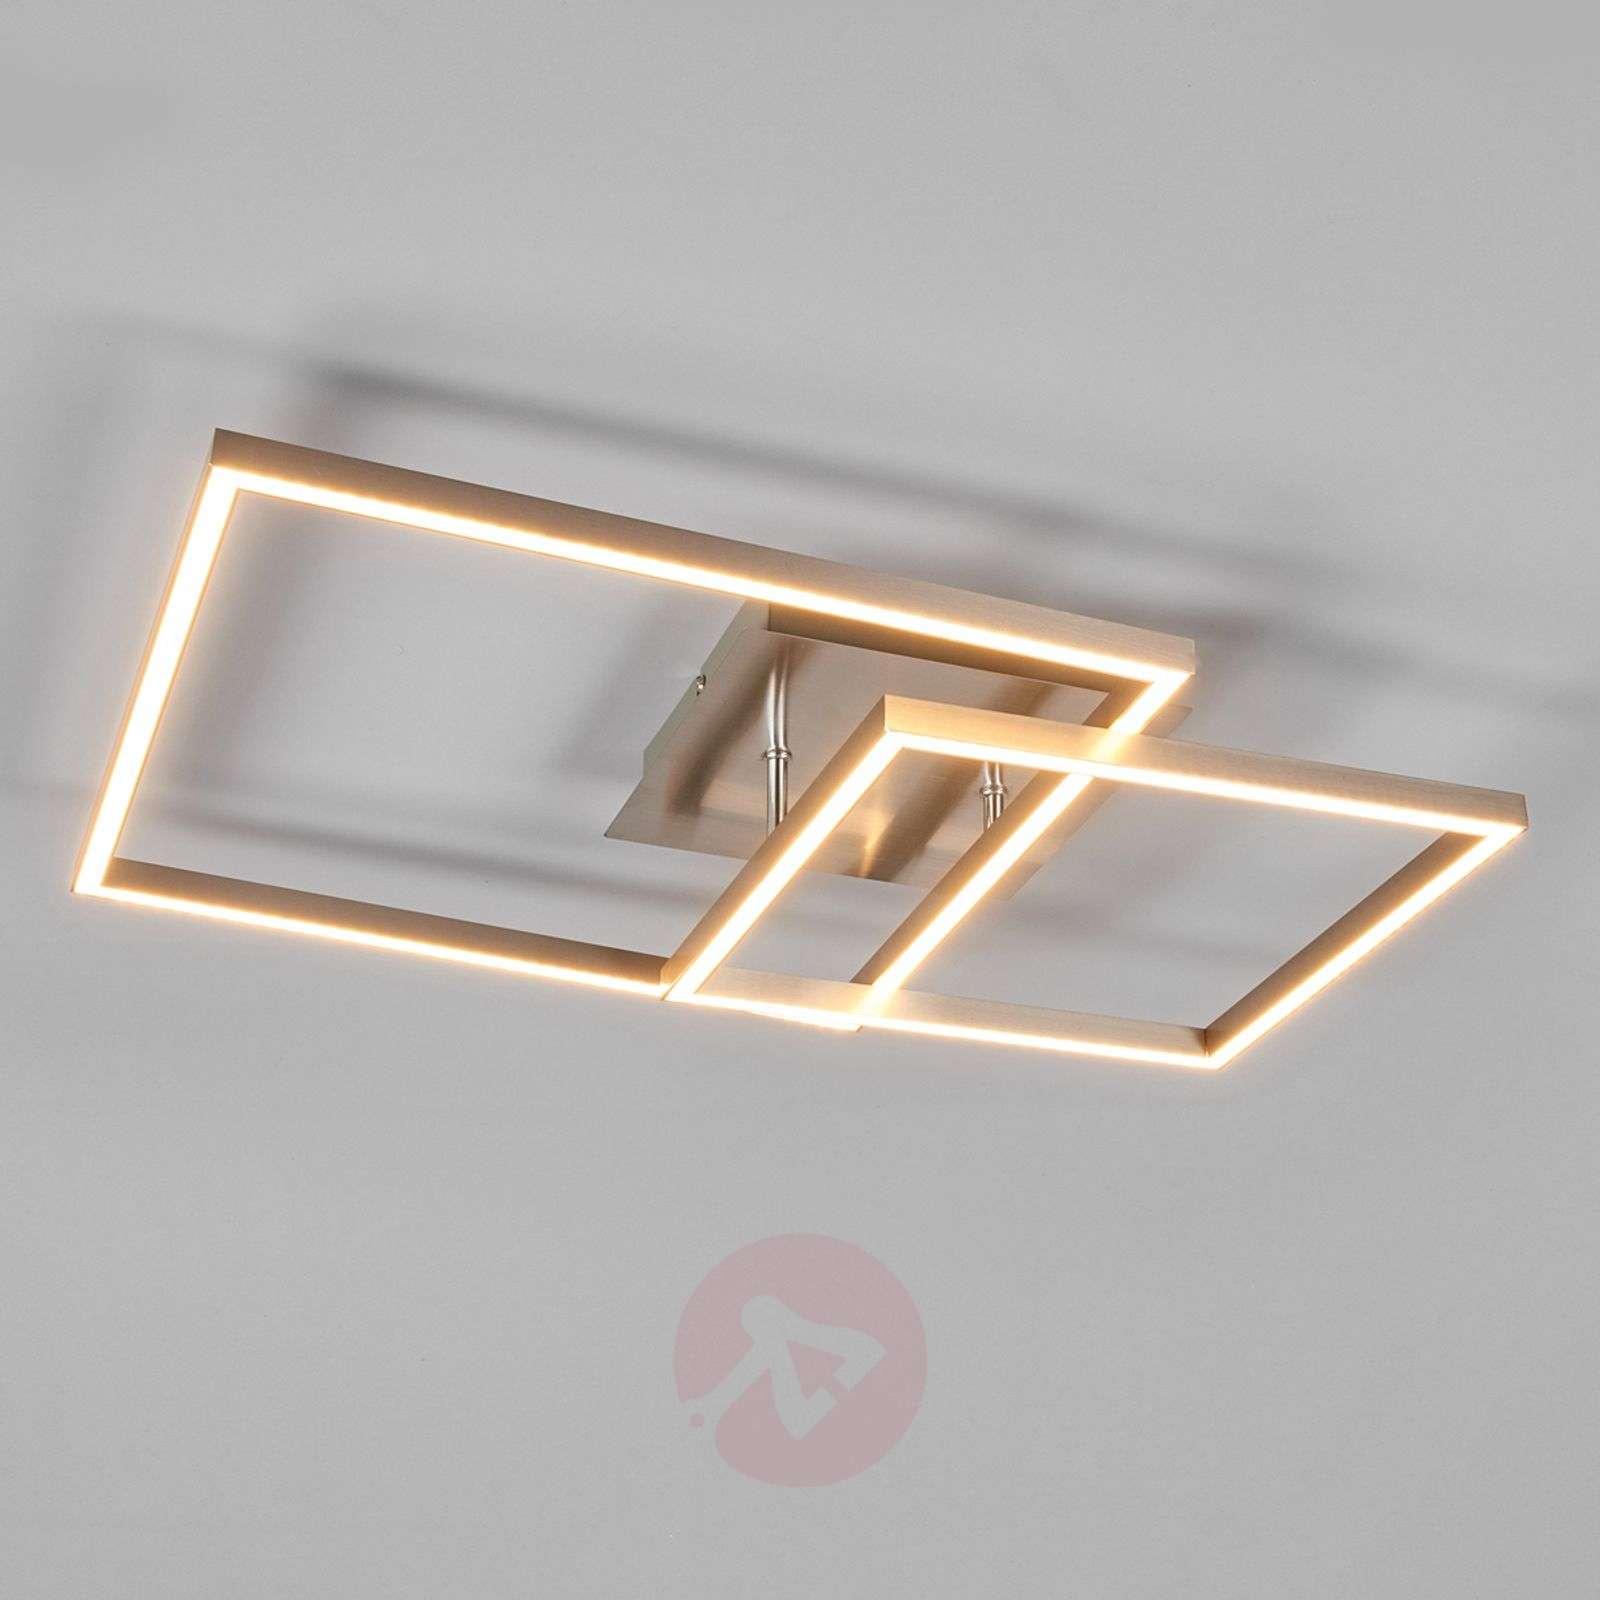 Modern LED ceiling light Delian-9987049-05